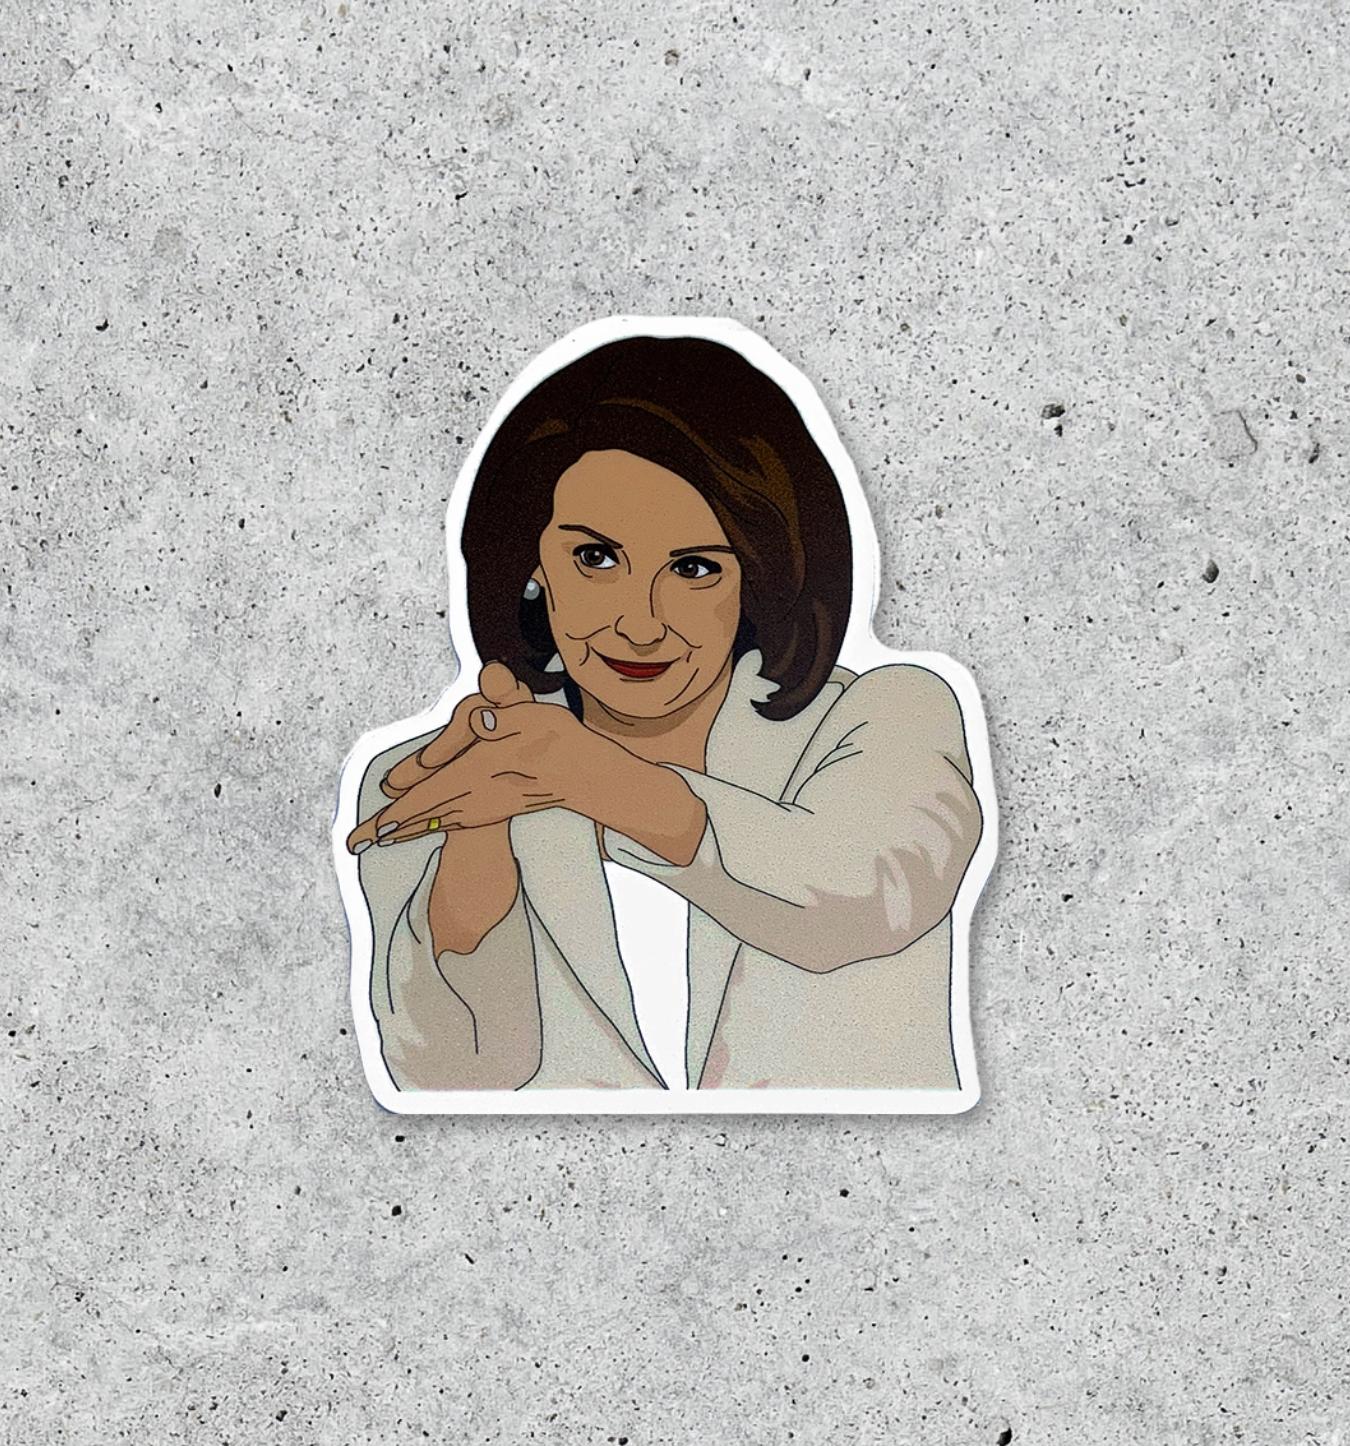 Citizen Ruth Nancy Pelosi clapback sticker